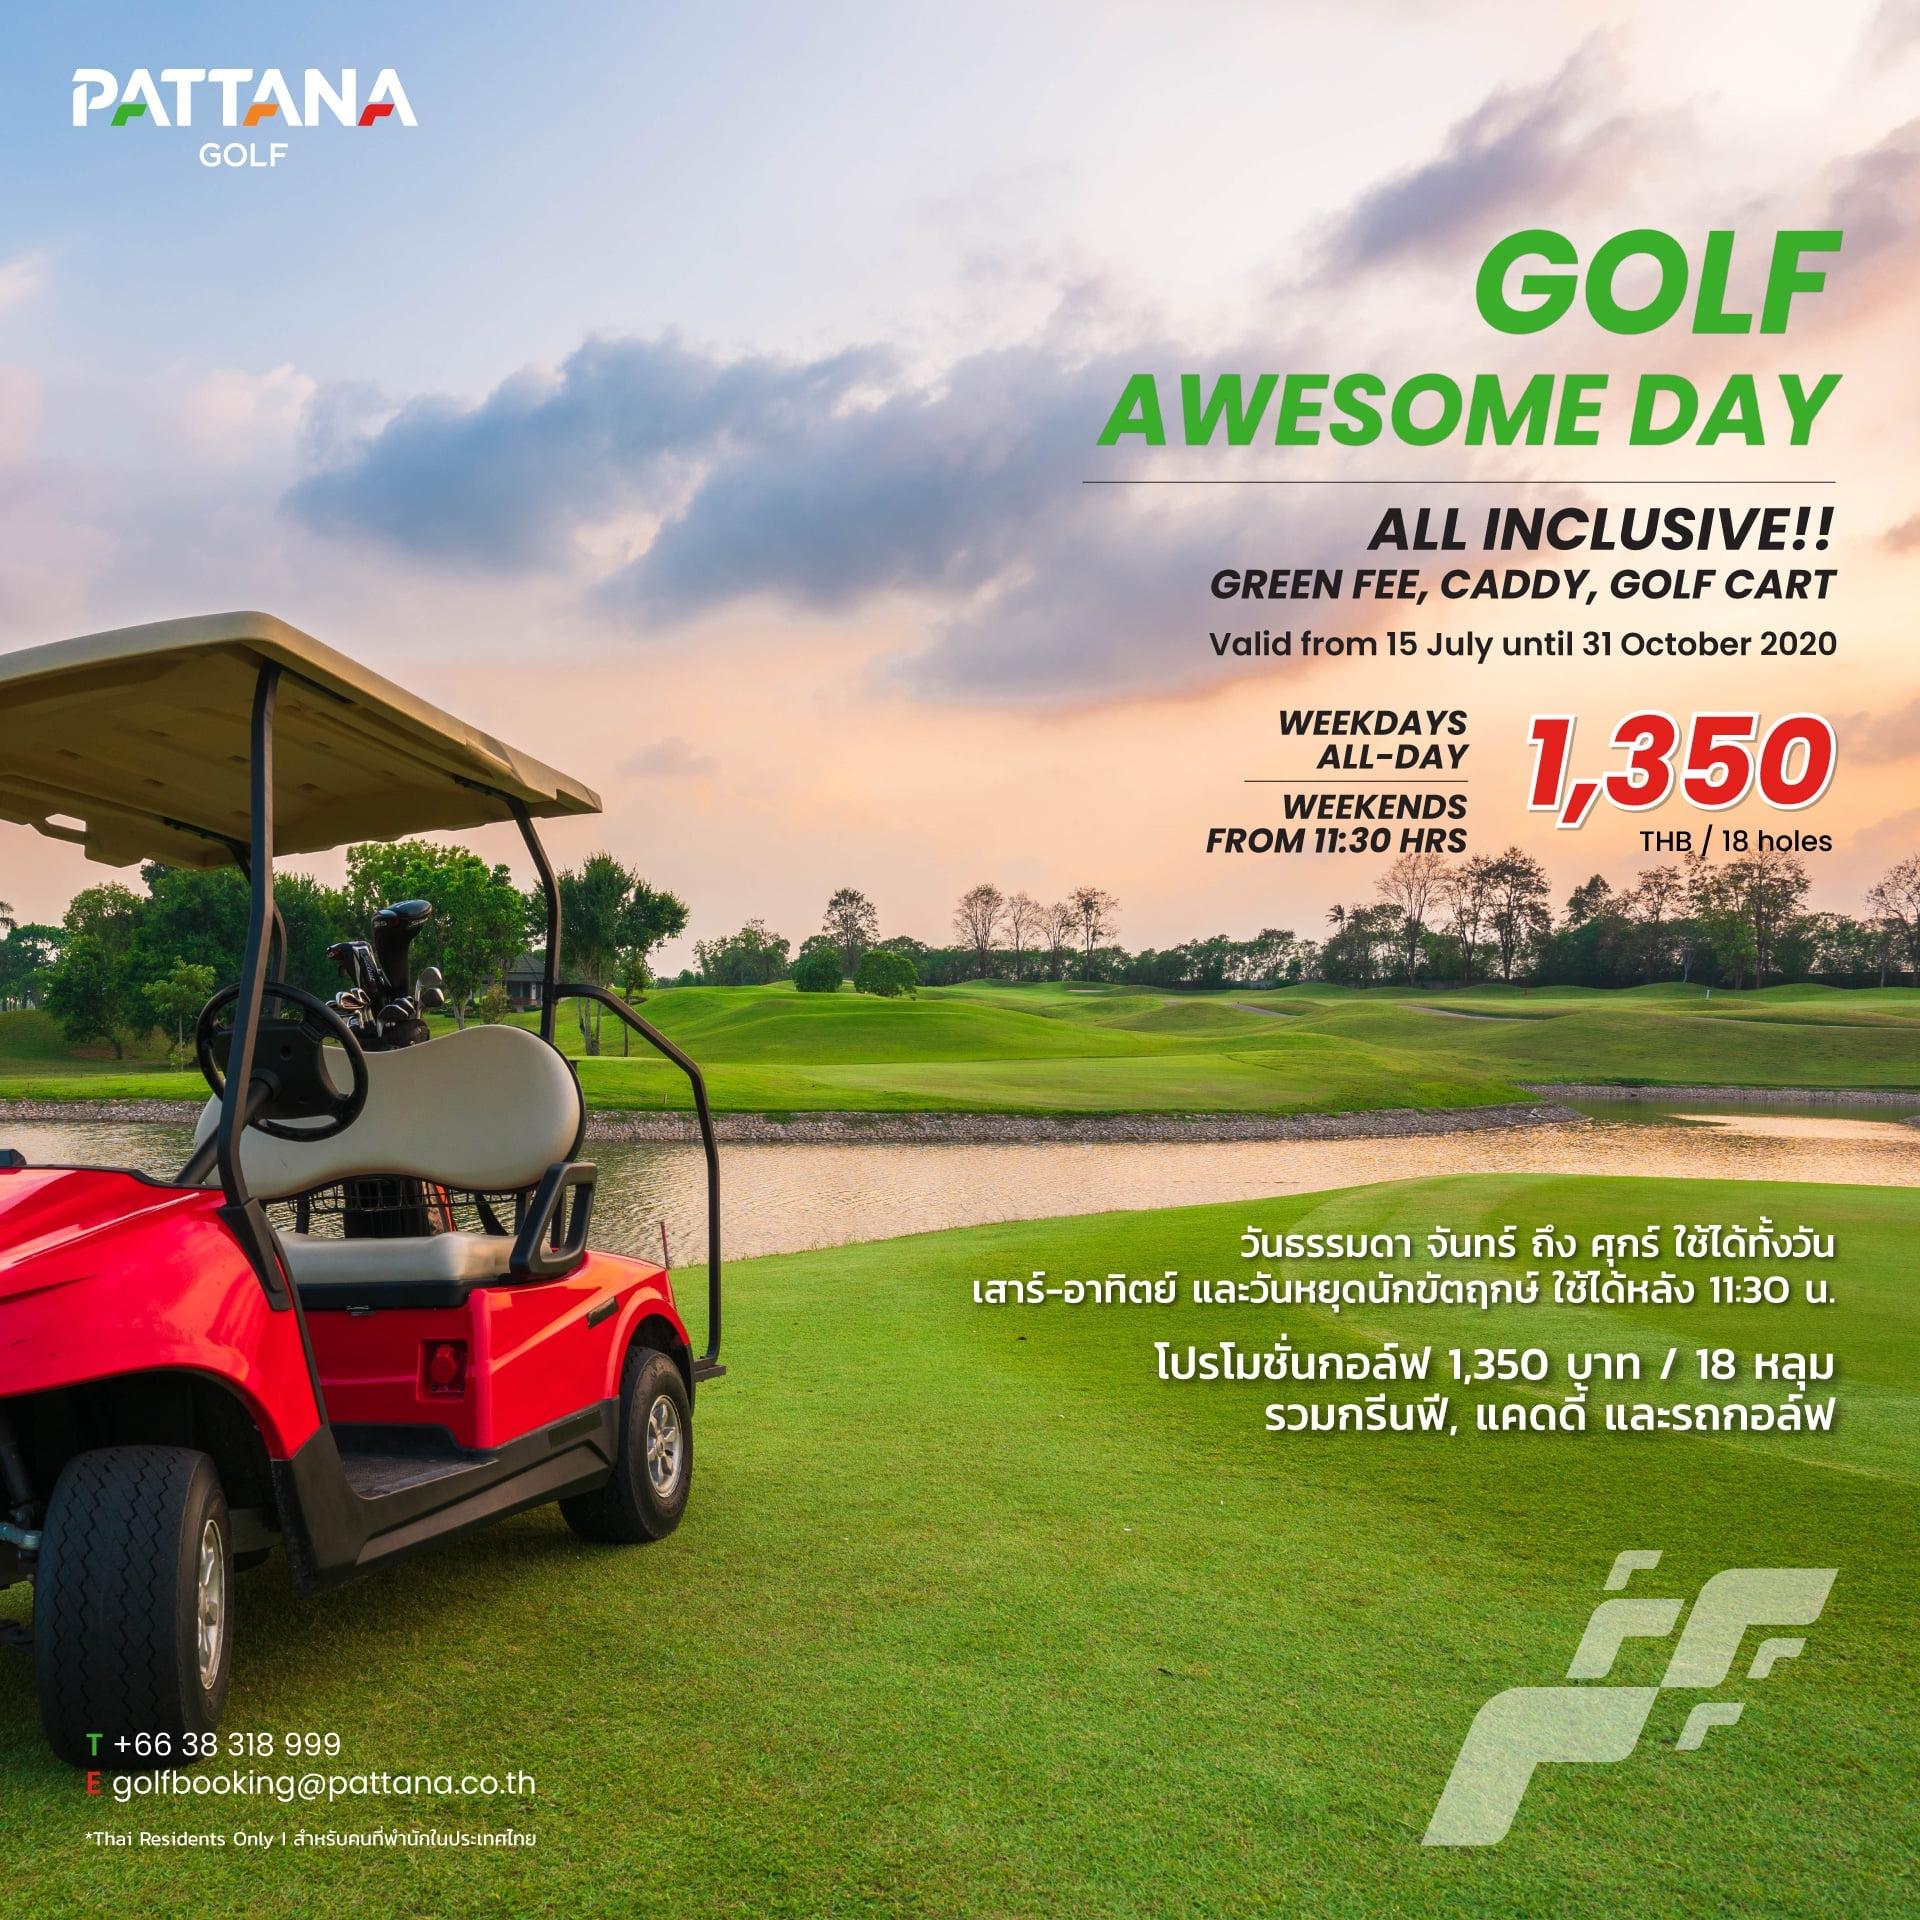 โปรสุดคุ้ม Golf Awesome Day 1,350 บาท / 18 หลุม รวมกรีนฟี แคดดี้ และรถกอล์ฟ